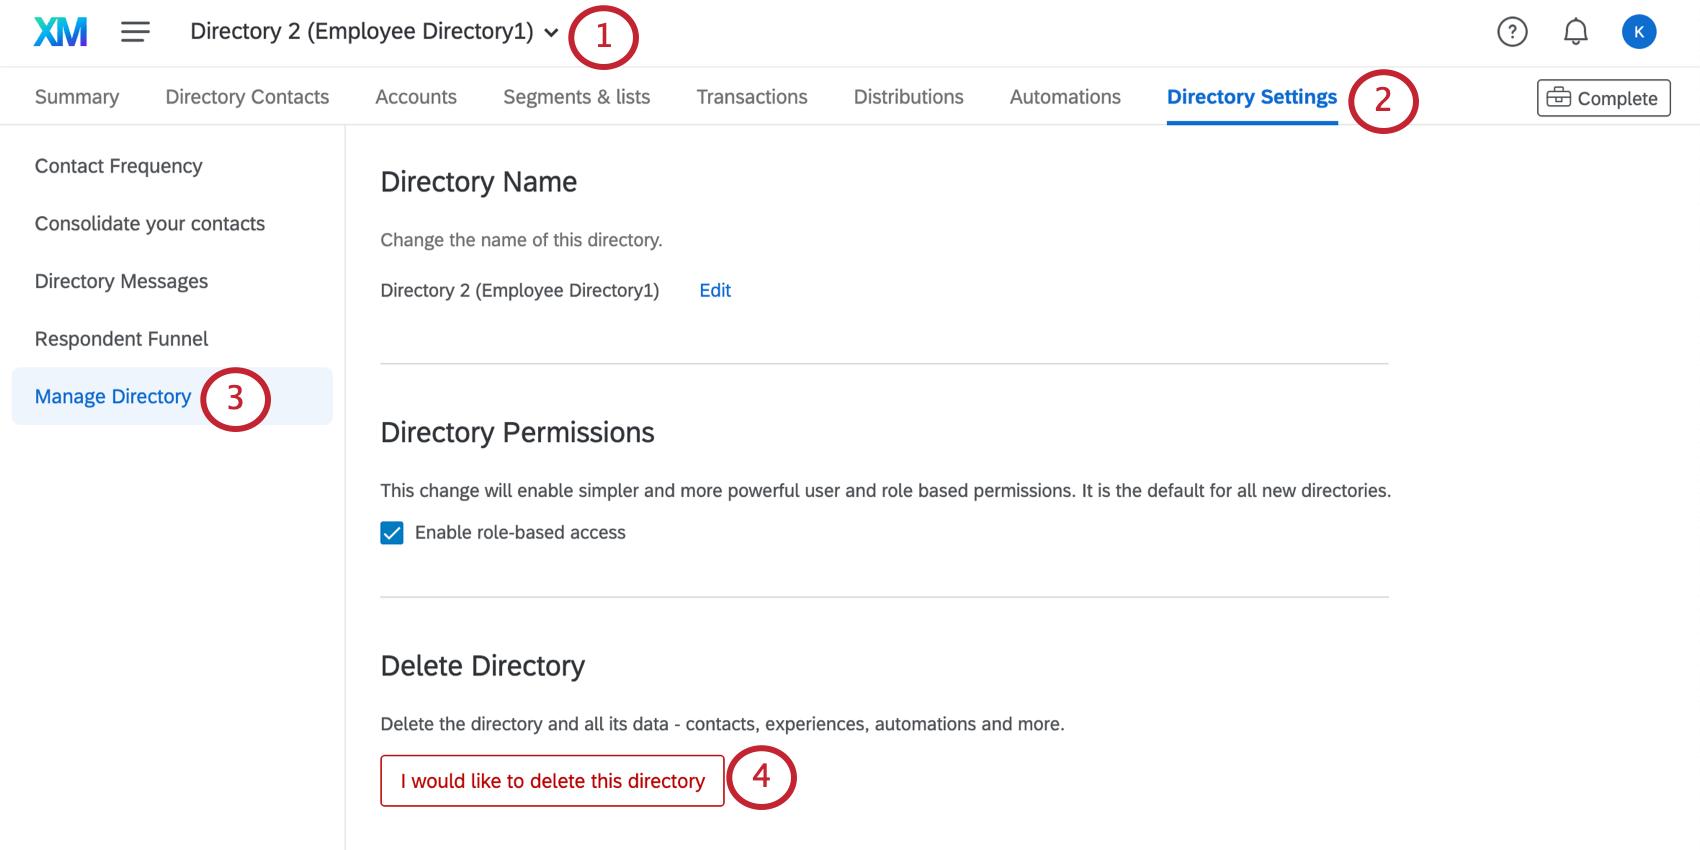 Image de la page des paramètres de répertoire avec le répertoire de gestion ouvert à gauche; le bouton de suppression se trouve au bas de la page en rouge